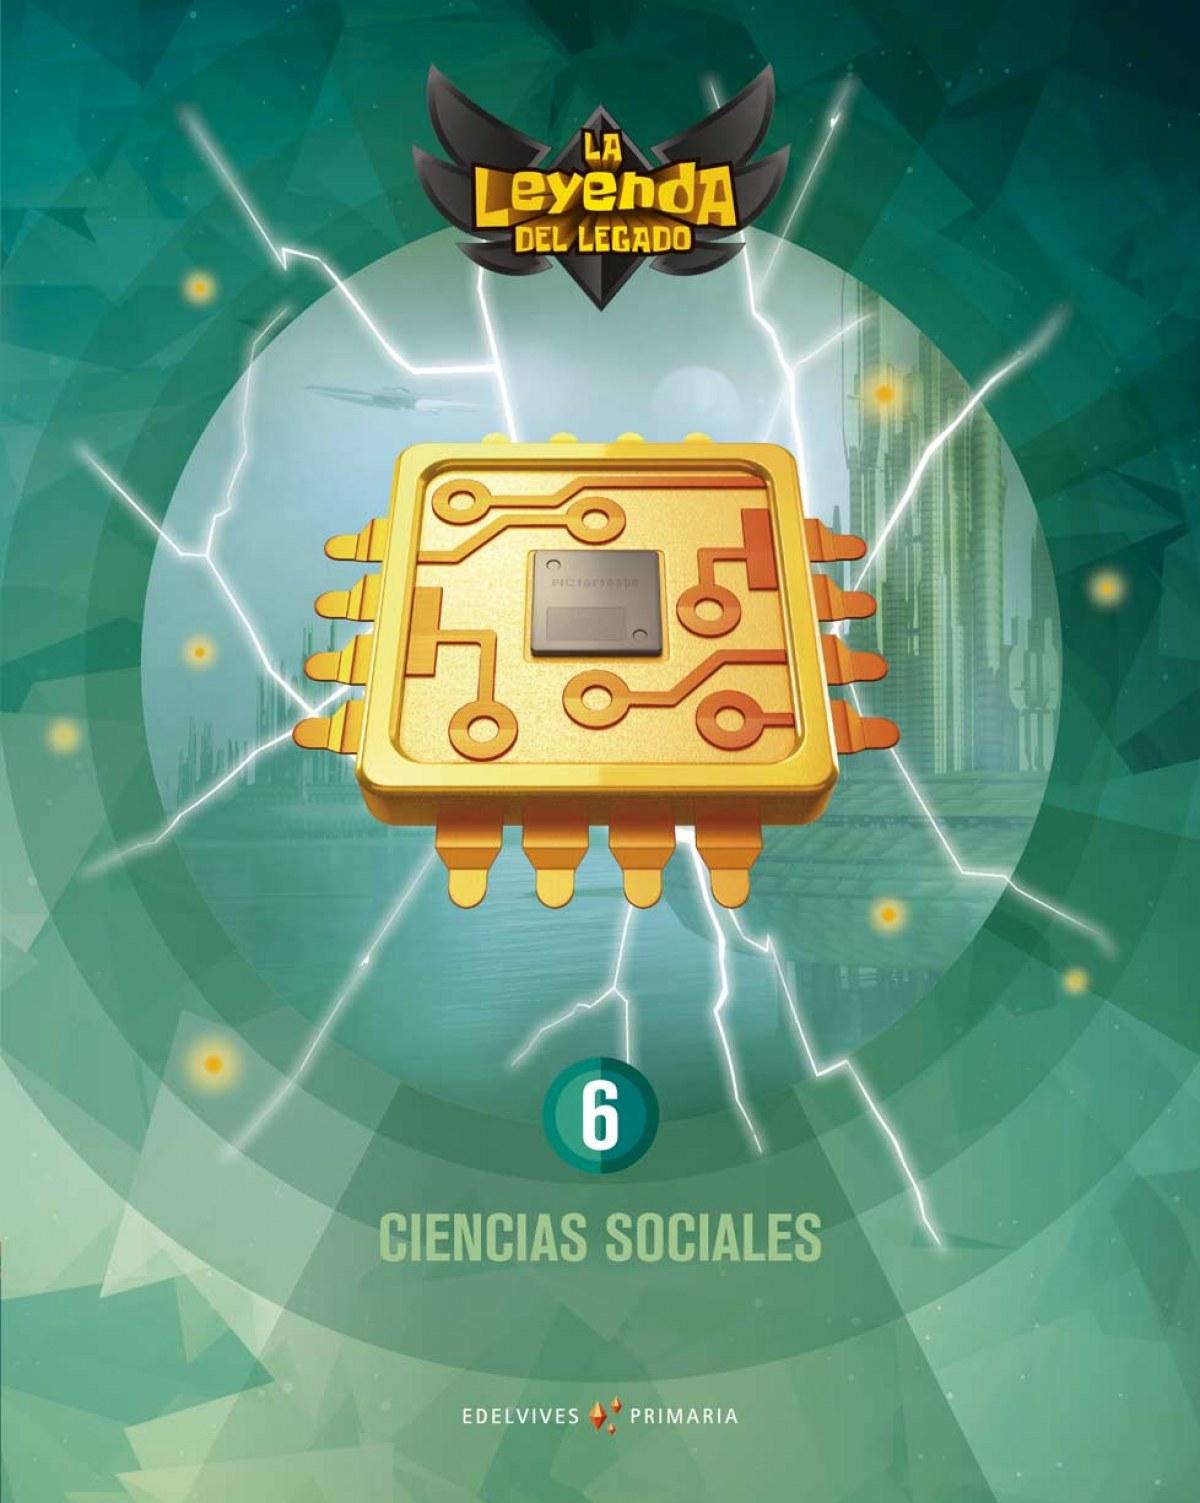 CIENCIAS SOCIALES 6o.PRIMARIA. LA LEYENDA DEL LEGADO 2019 9788414020418